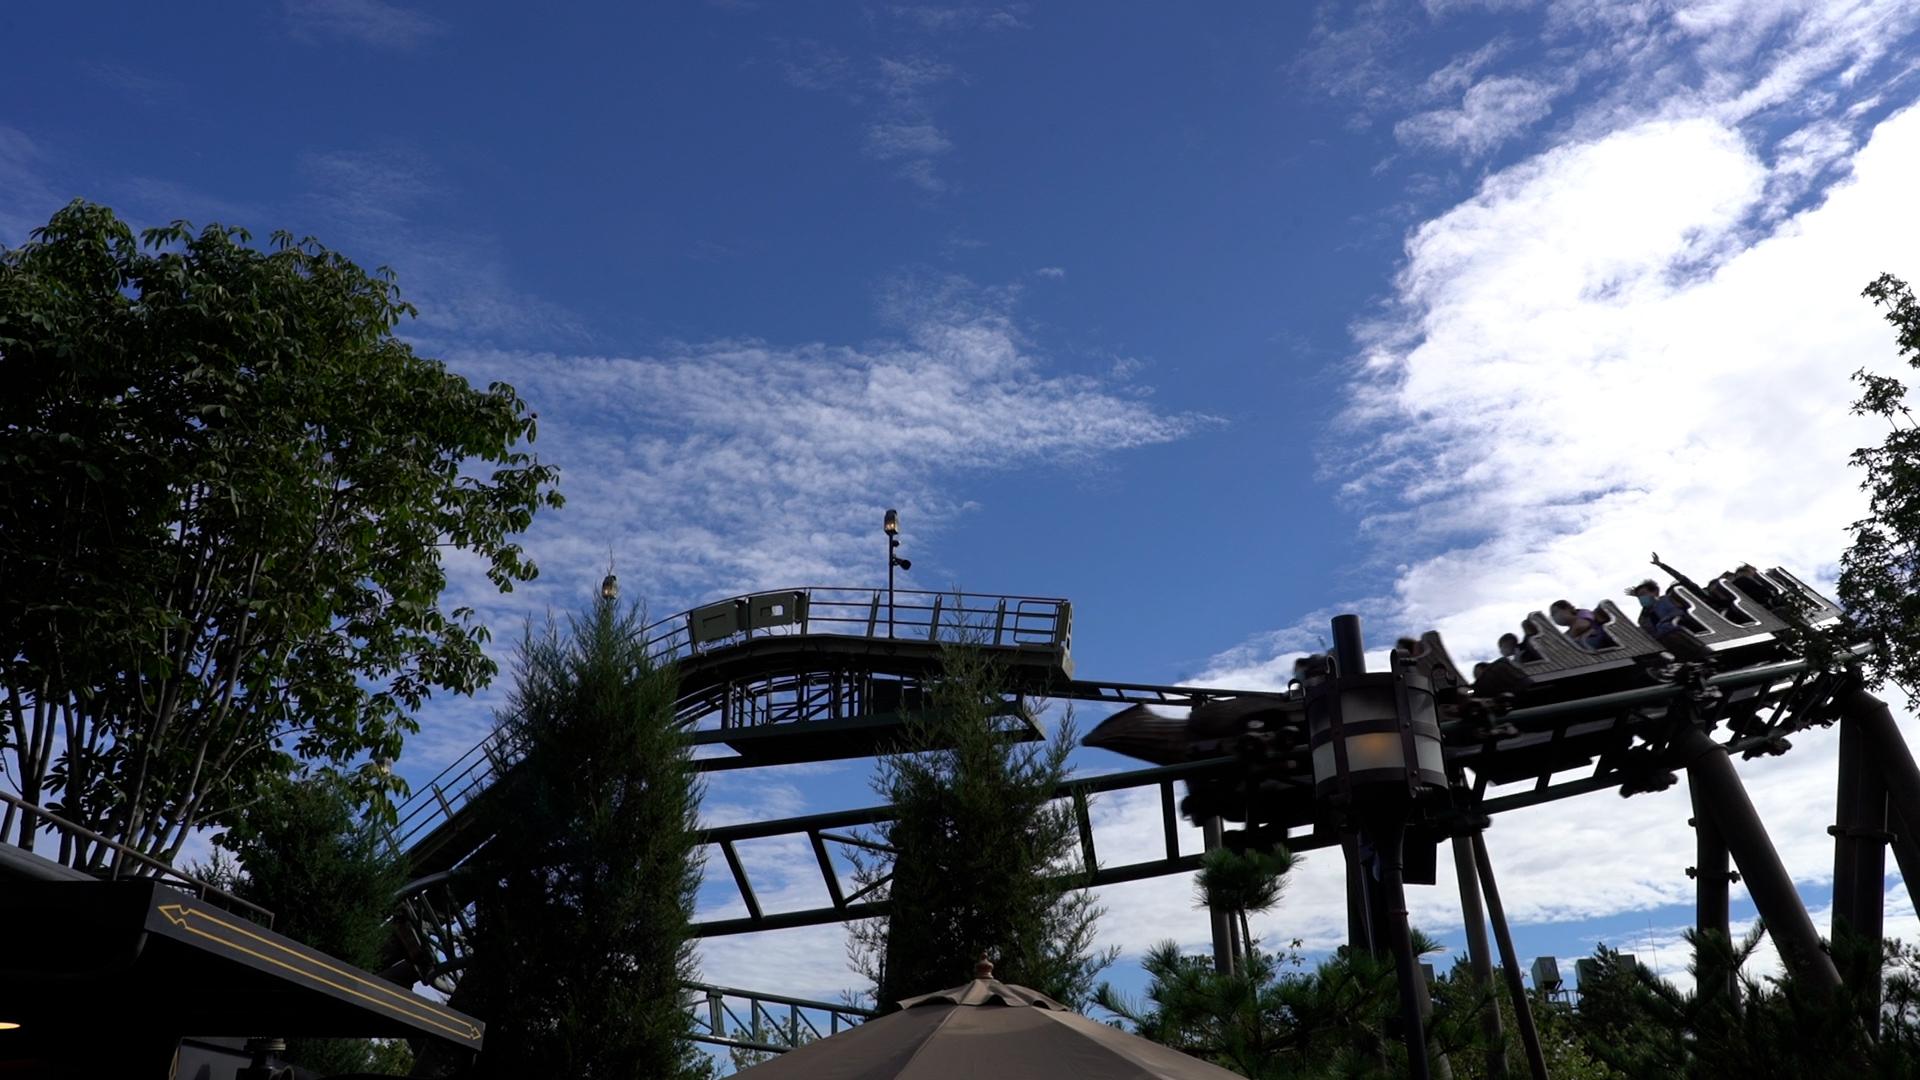 游客正在体验哈利·波特的魔法世界园区中的鹰马飞行项目。(澎湃新闻记者 秦盛 图)